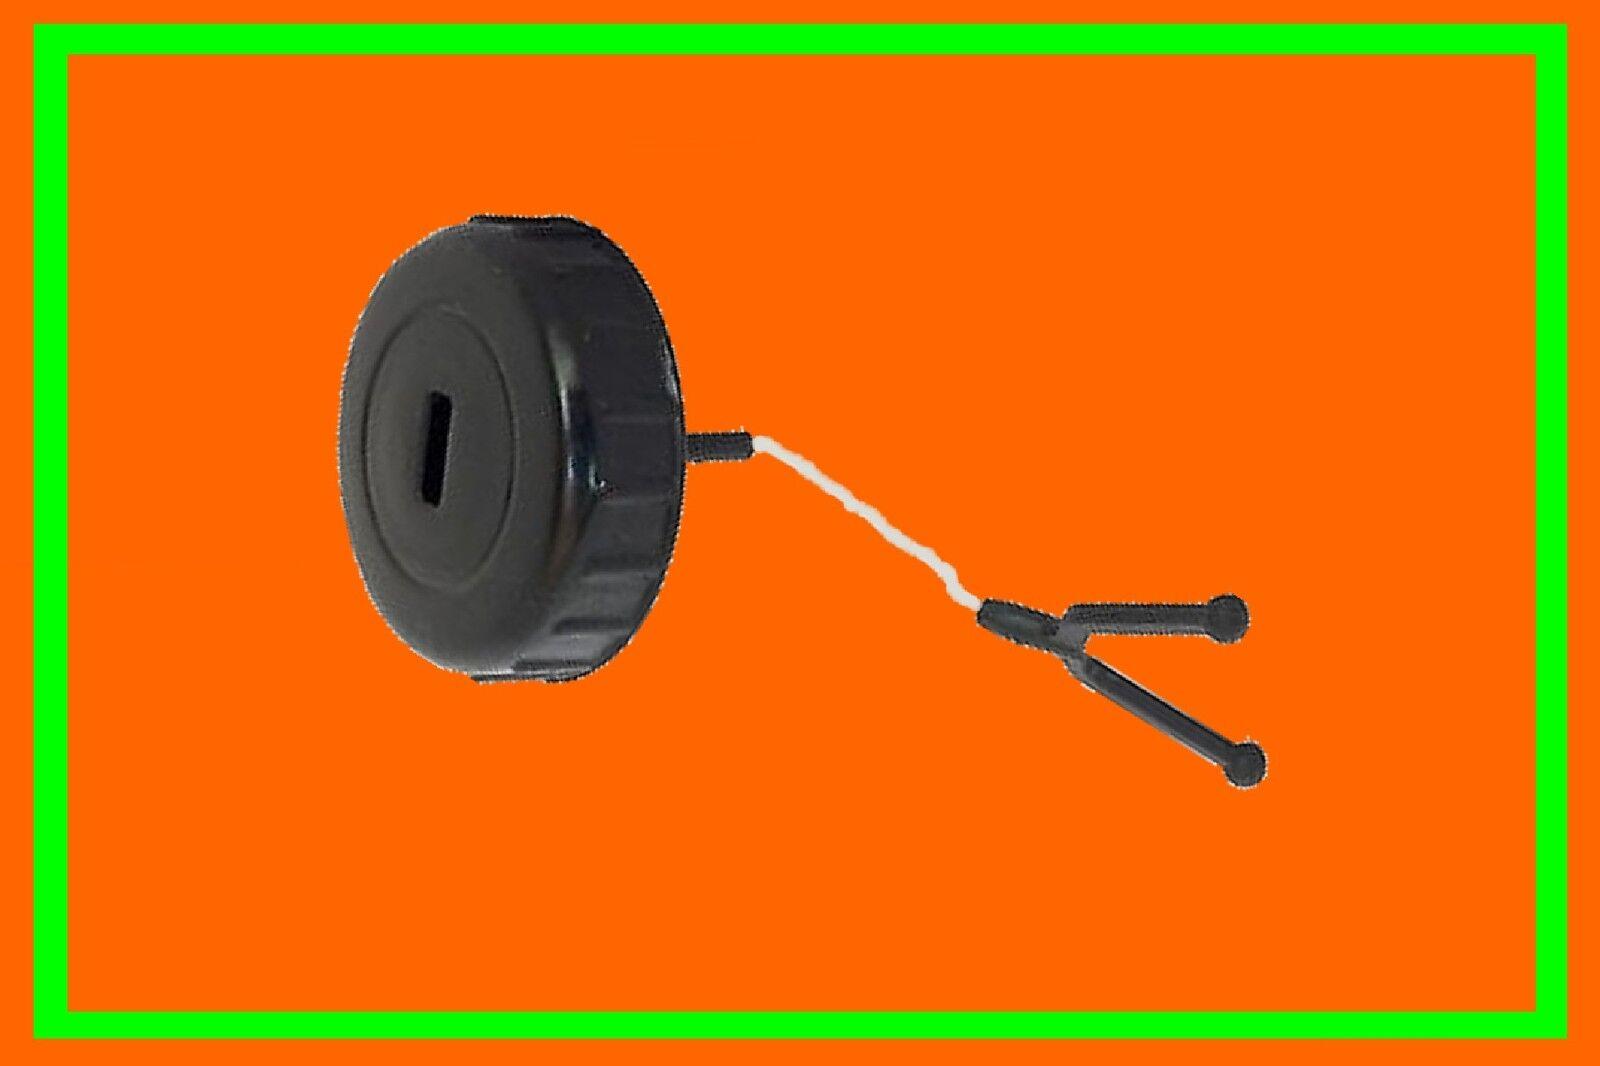 Deckel Tankdeckel Öldeckel Für Stihl Kettensäge 017//018 MS170 //MS180